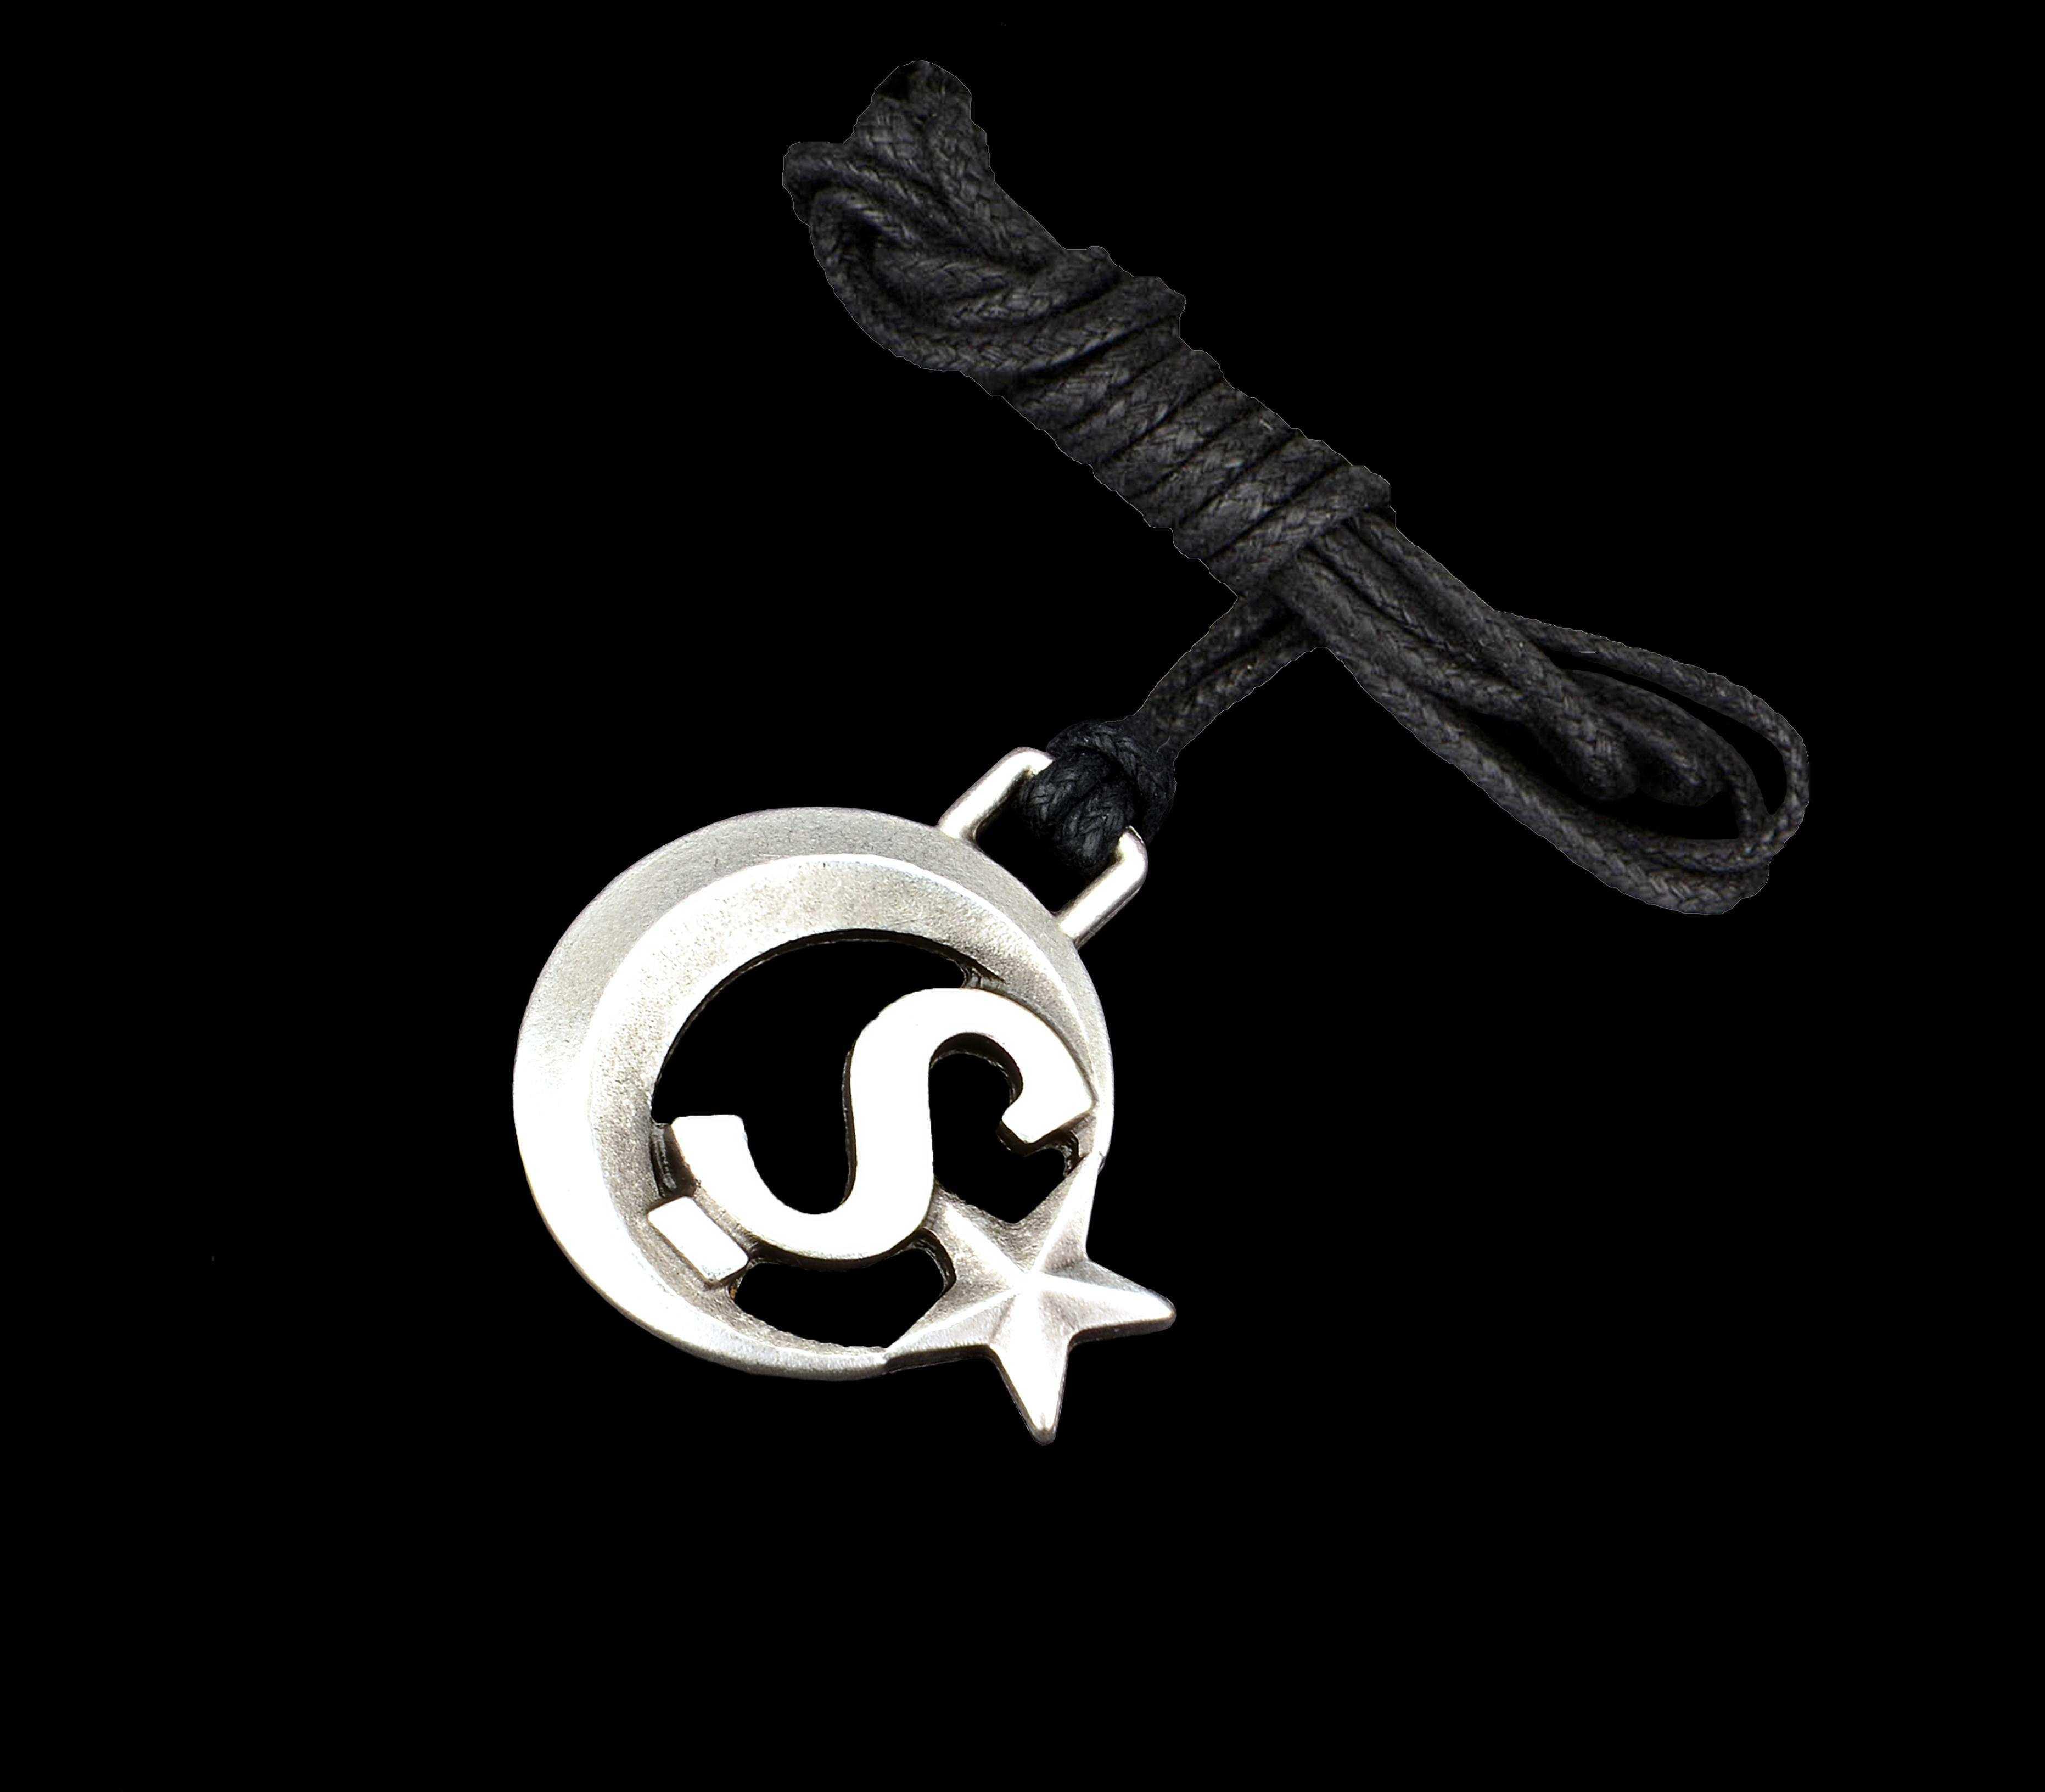 Ay Yıldızlı Ş Harfli Kolye - KOL0164